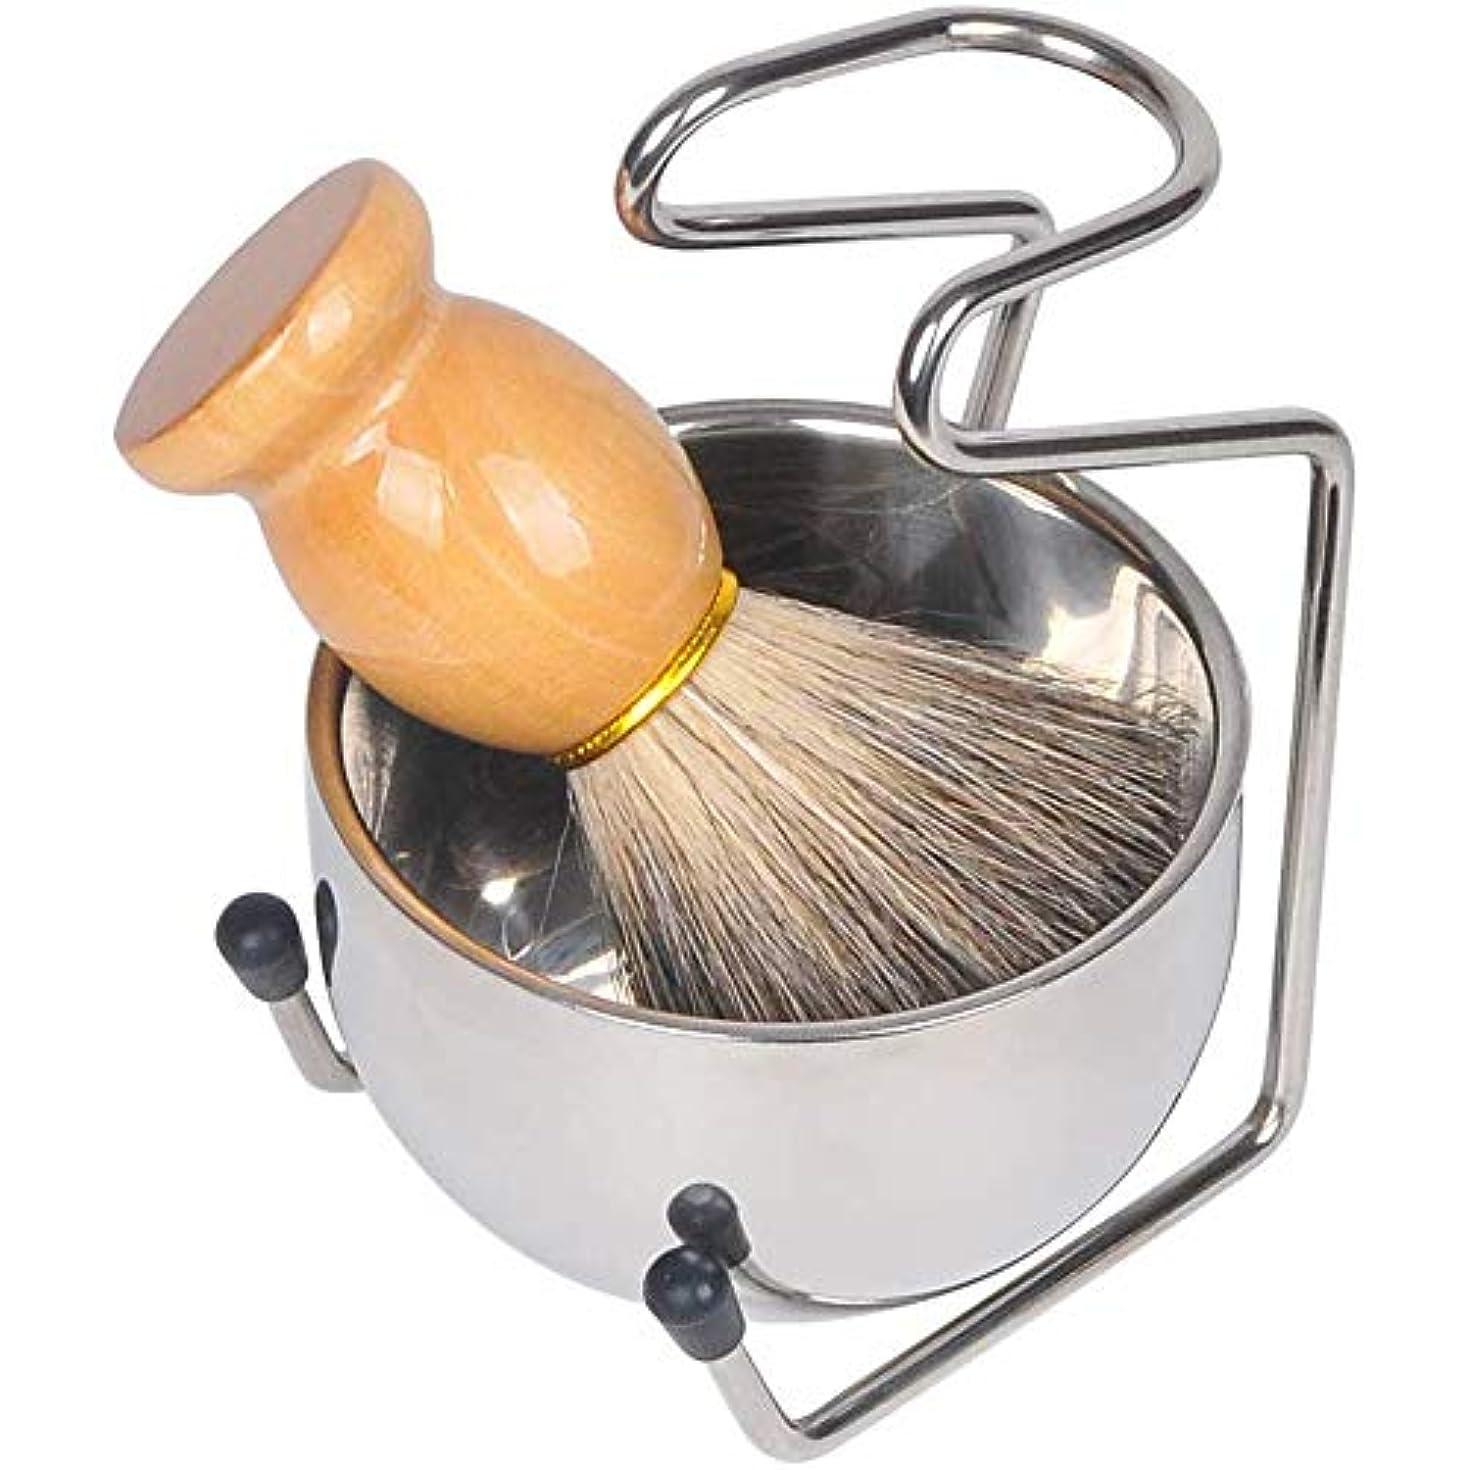 野心的リアル簿記係3点セット ひげブラシ シェービング石鹸ボウルシェービングブラシセット洗顔ブラシ メンズ 理容 髭剃り 泡立ち毛